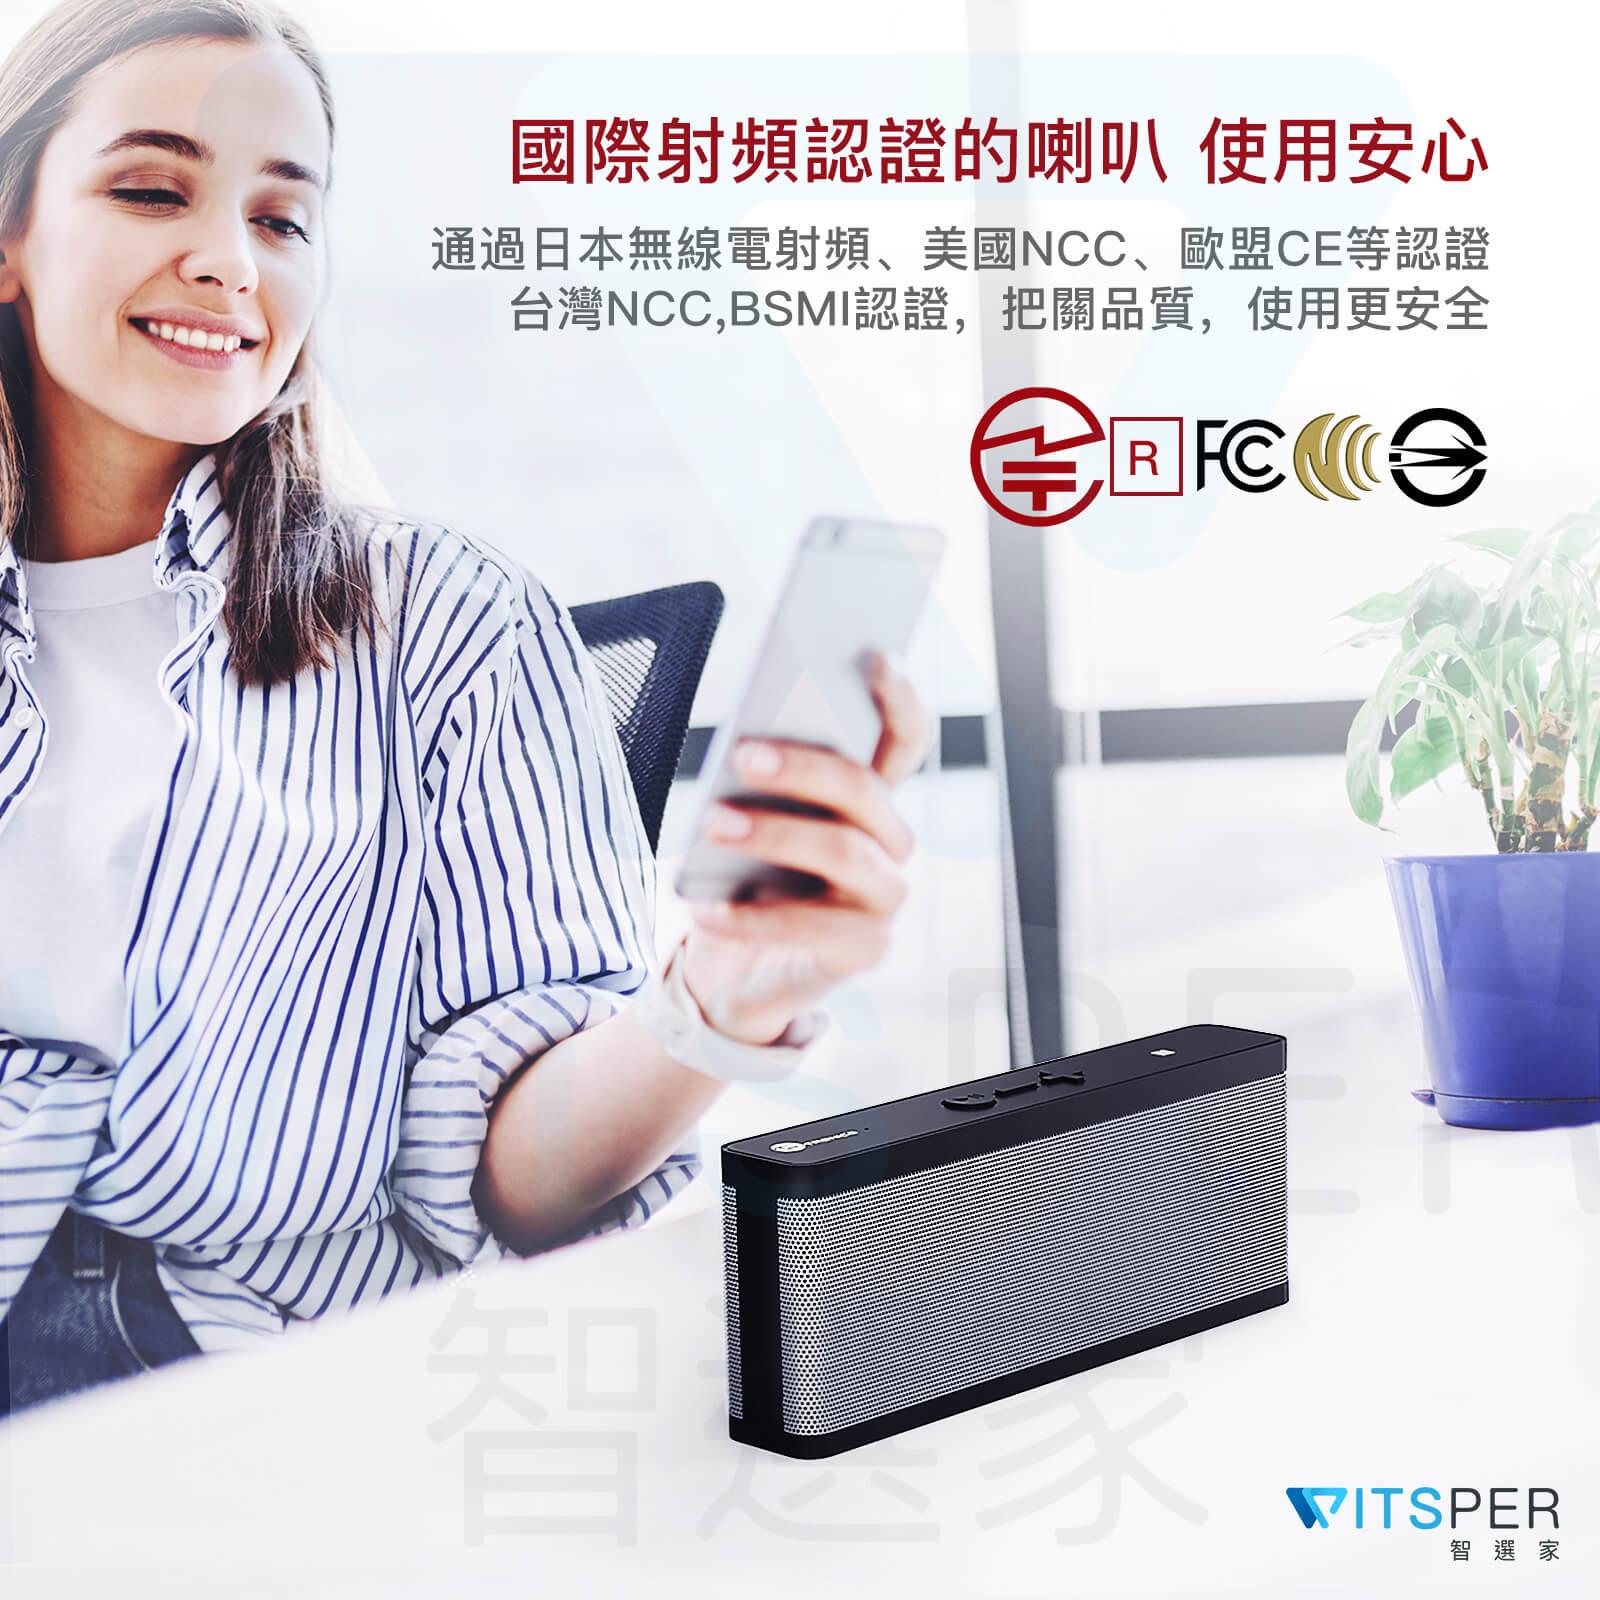 藍芽喇叭推薦 日本亞馬遜cp值銷售冠軍